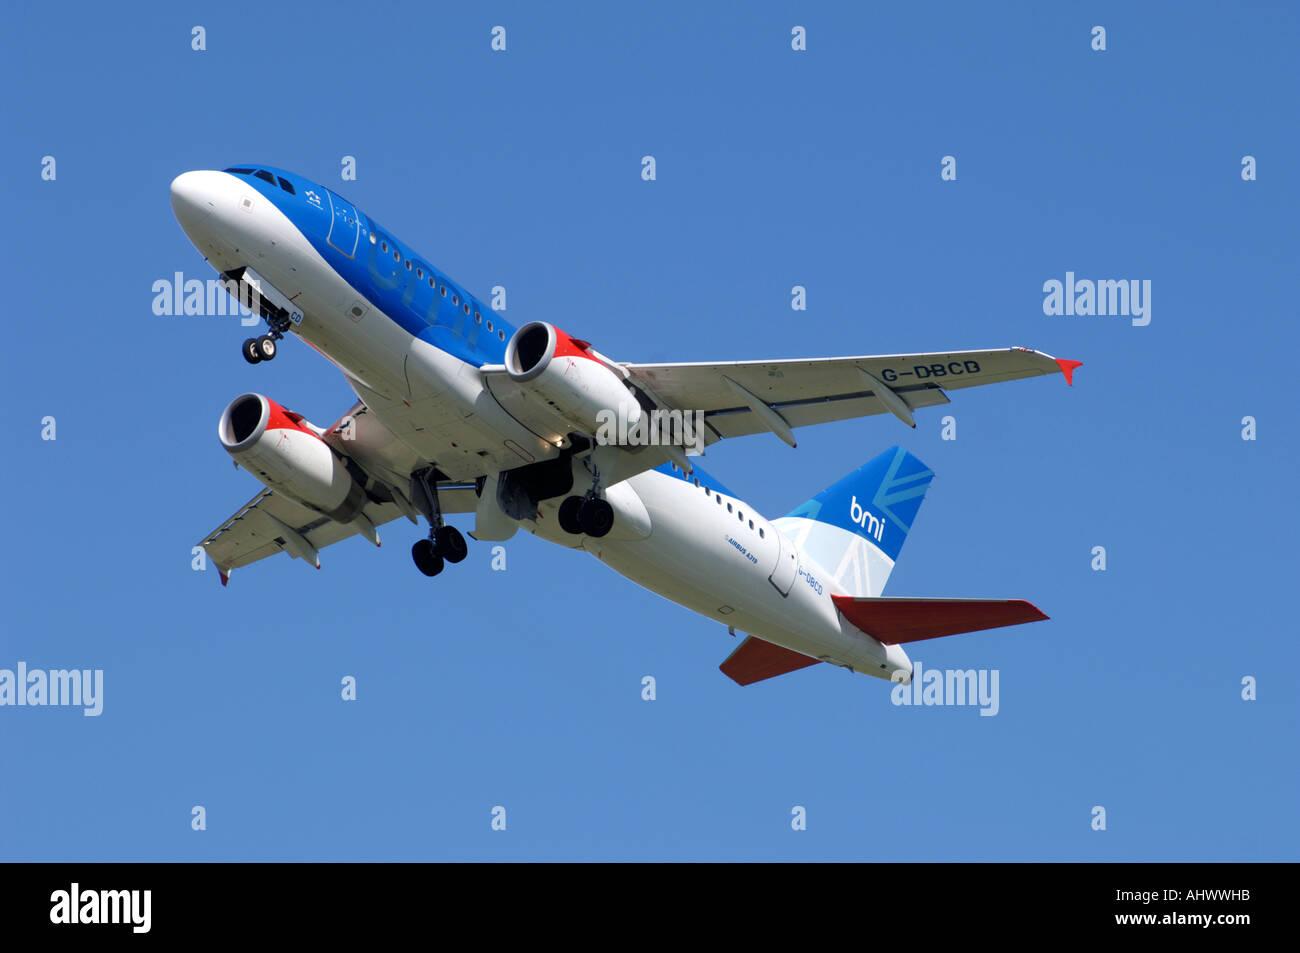 British Midland Boeing Airbus 319 Airliner.   XAV-338-307 - Stock Image